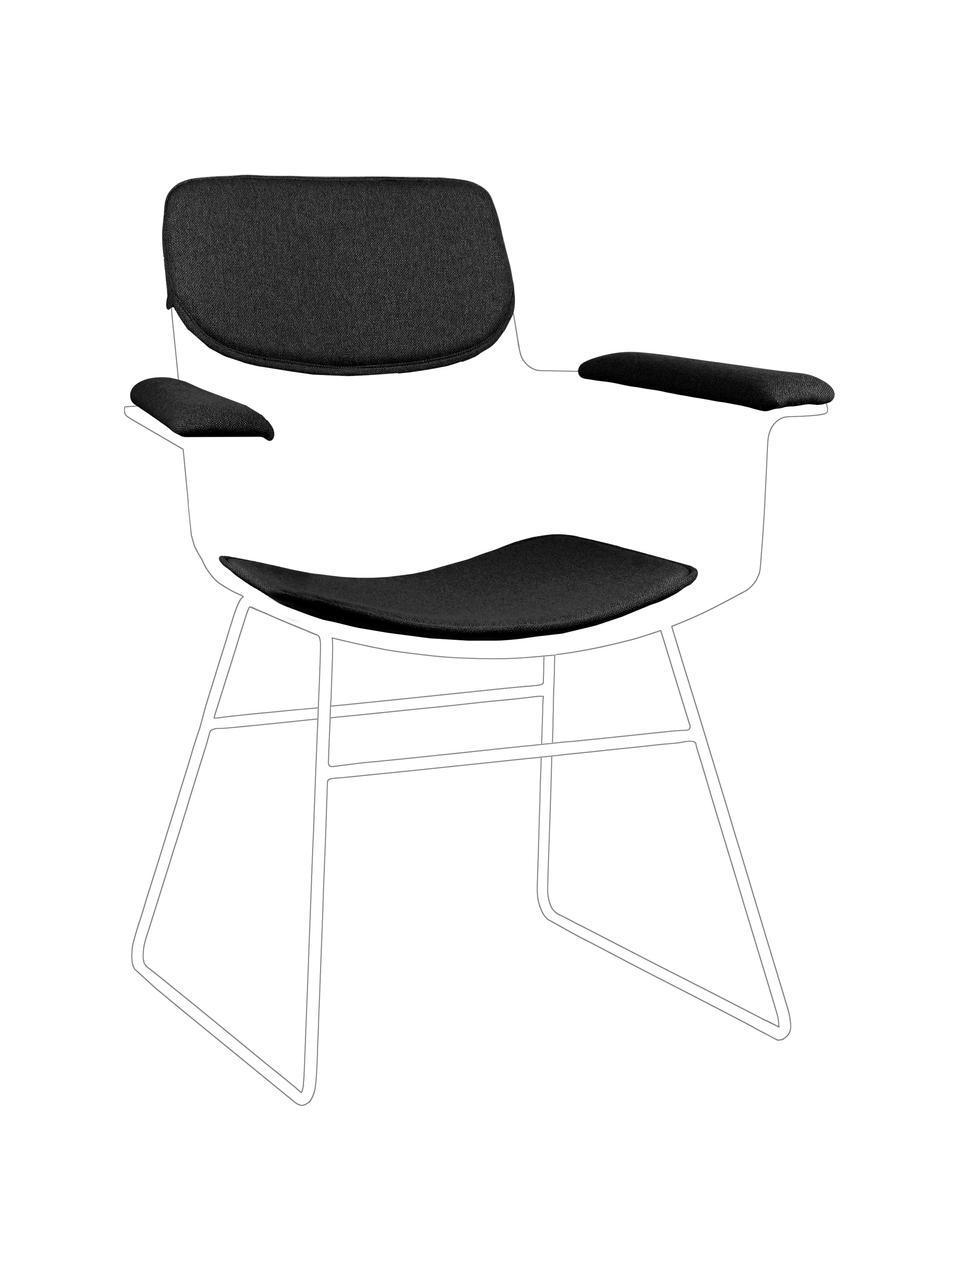 Sitzauflagen-Set für Metall-Armlehnstuhl Wire, 3-tlg., Bezug: 60% Baumwolle, 40% Polyes, Dunkelgrau, Set mit verschiedenen Größen